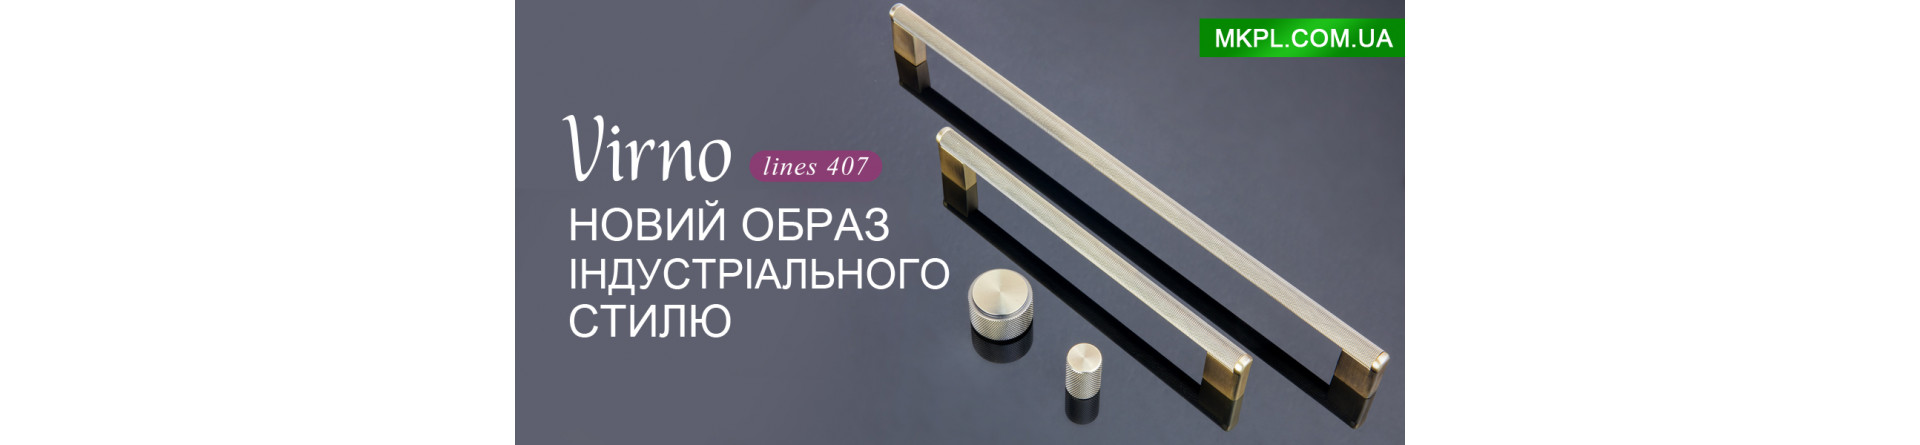 Новий образ індустріального стилю Virno Lines 407